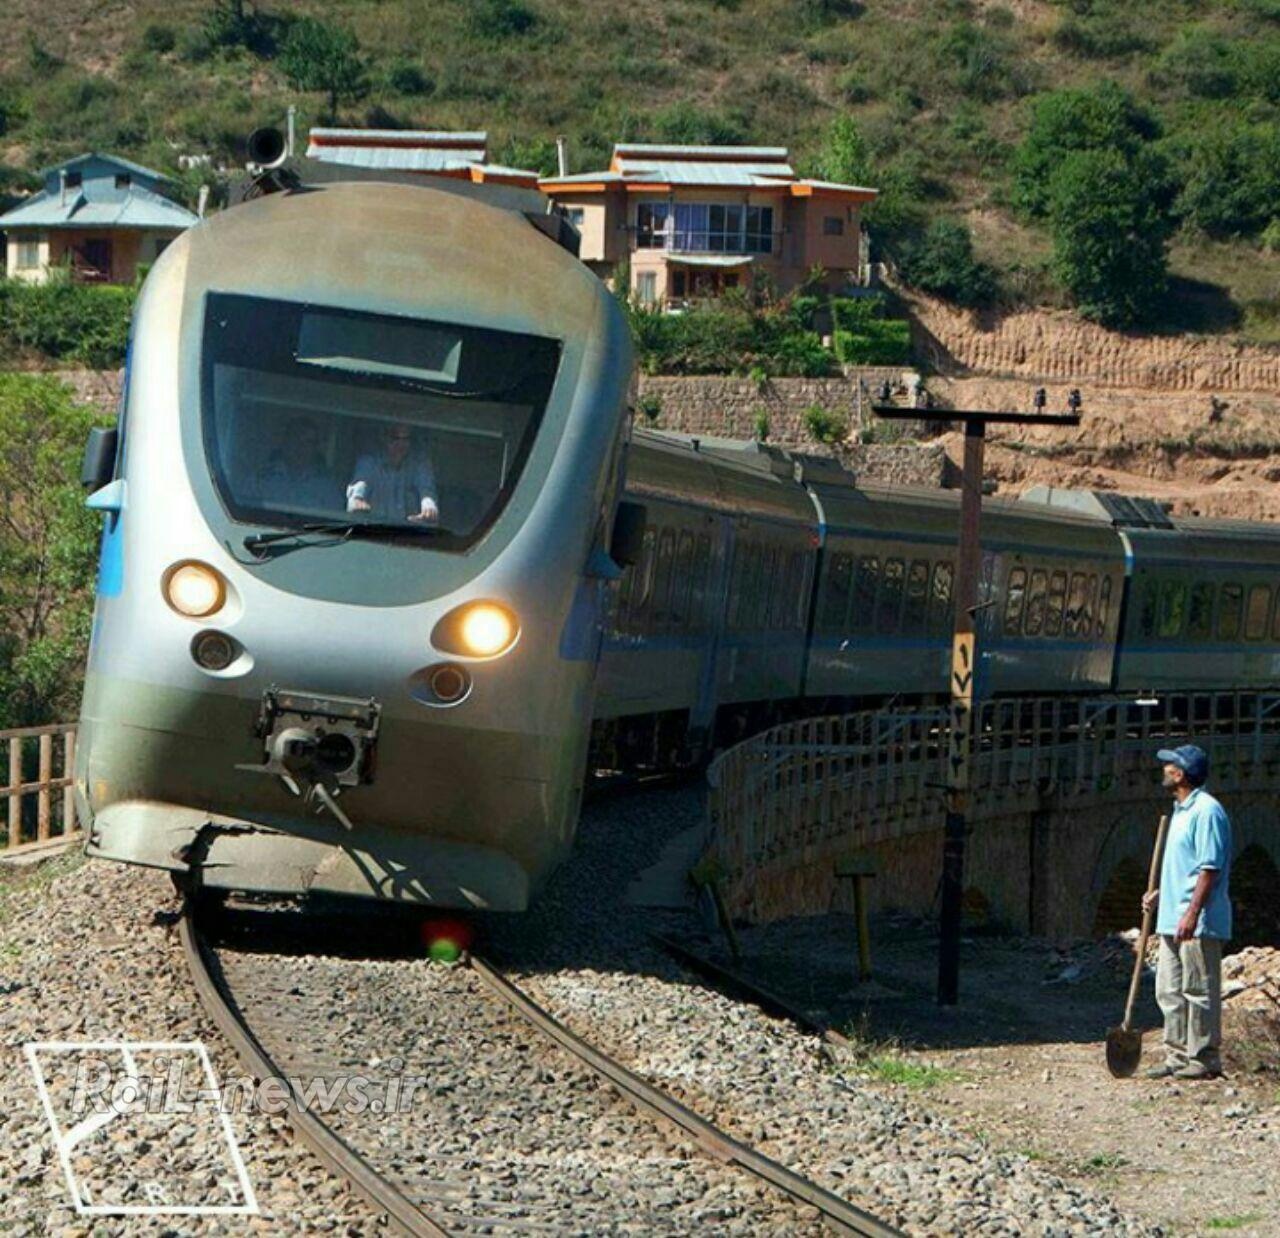 بررسی مشکلات حرکت قطار در قوس و راهکارهای آن